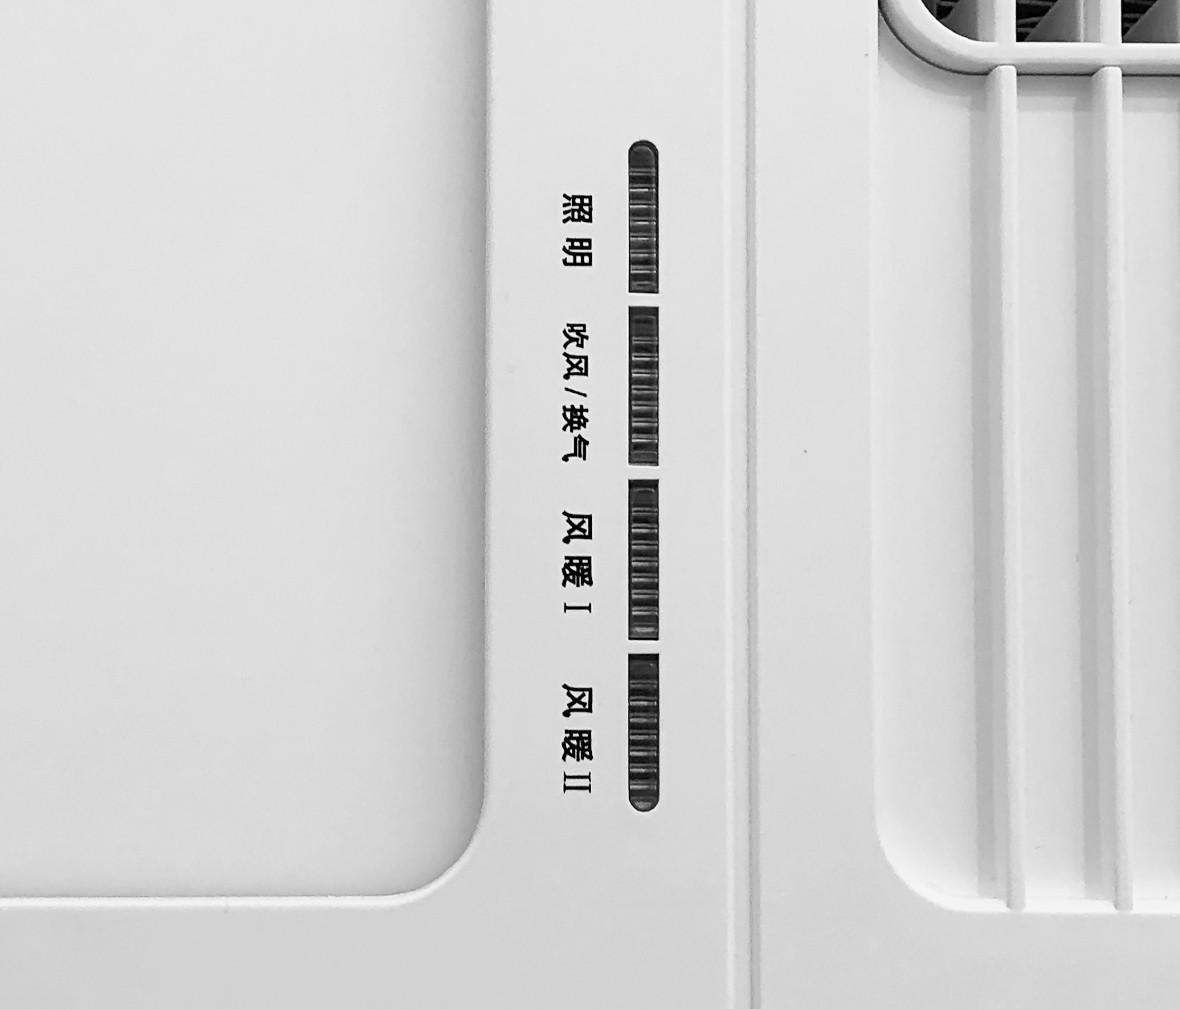 欧普吊顶 特价商品风暖浴霸 铝镁合金材质家用集成吊顶浴霸 图片、价格、品牌、评测样样齐全!【蓝景商城正品行货,蓝景丽家大钟寺家居广场提货,北京地区配送,领券更优惠,线上线下同品同价,立即购买享受更多优惠哦!】